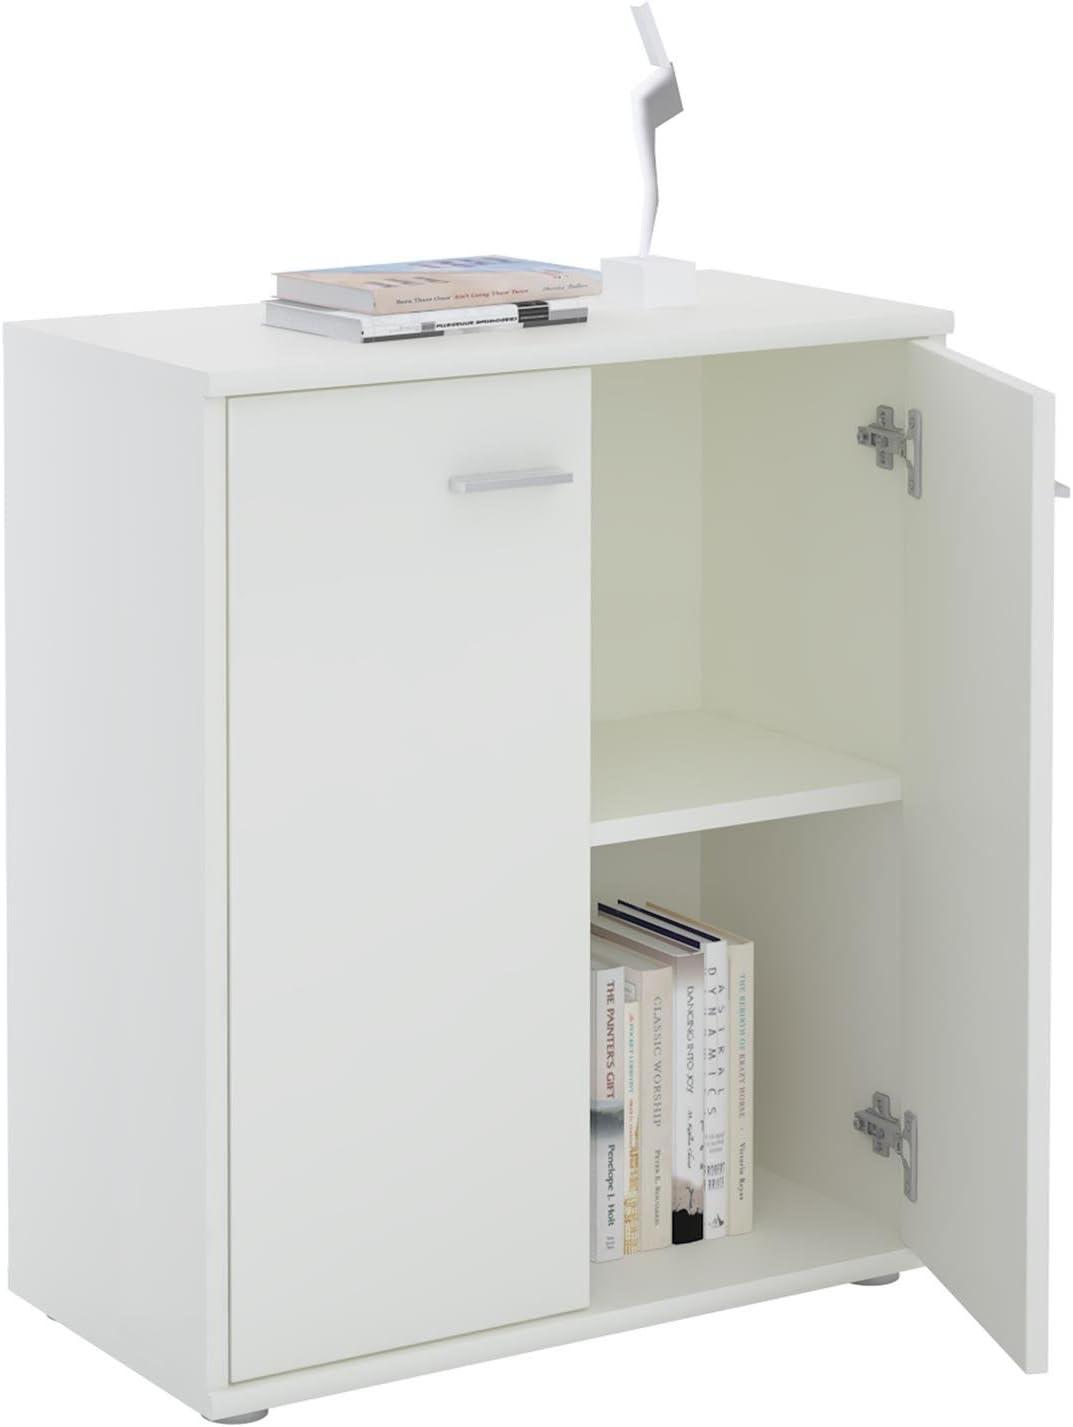 CARO-M/öbel Kommode Sideboard Schrank Tommy in wei/ß Anrichte mit 2 T/üren inklusive Einlegeboden